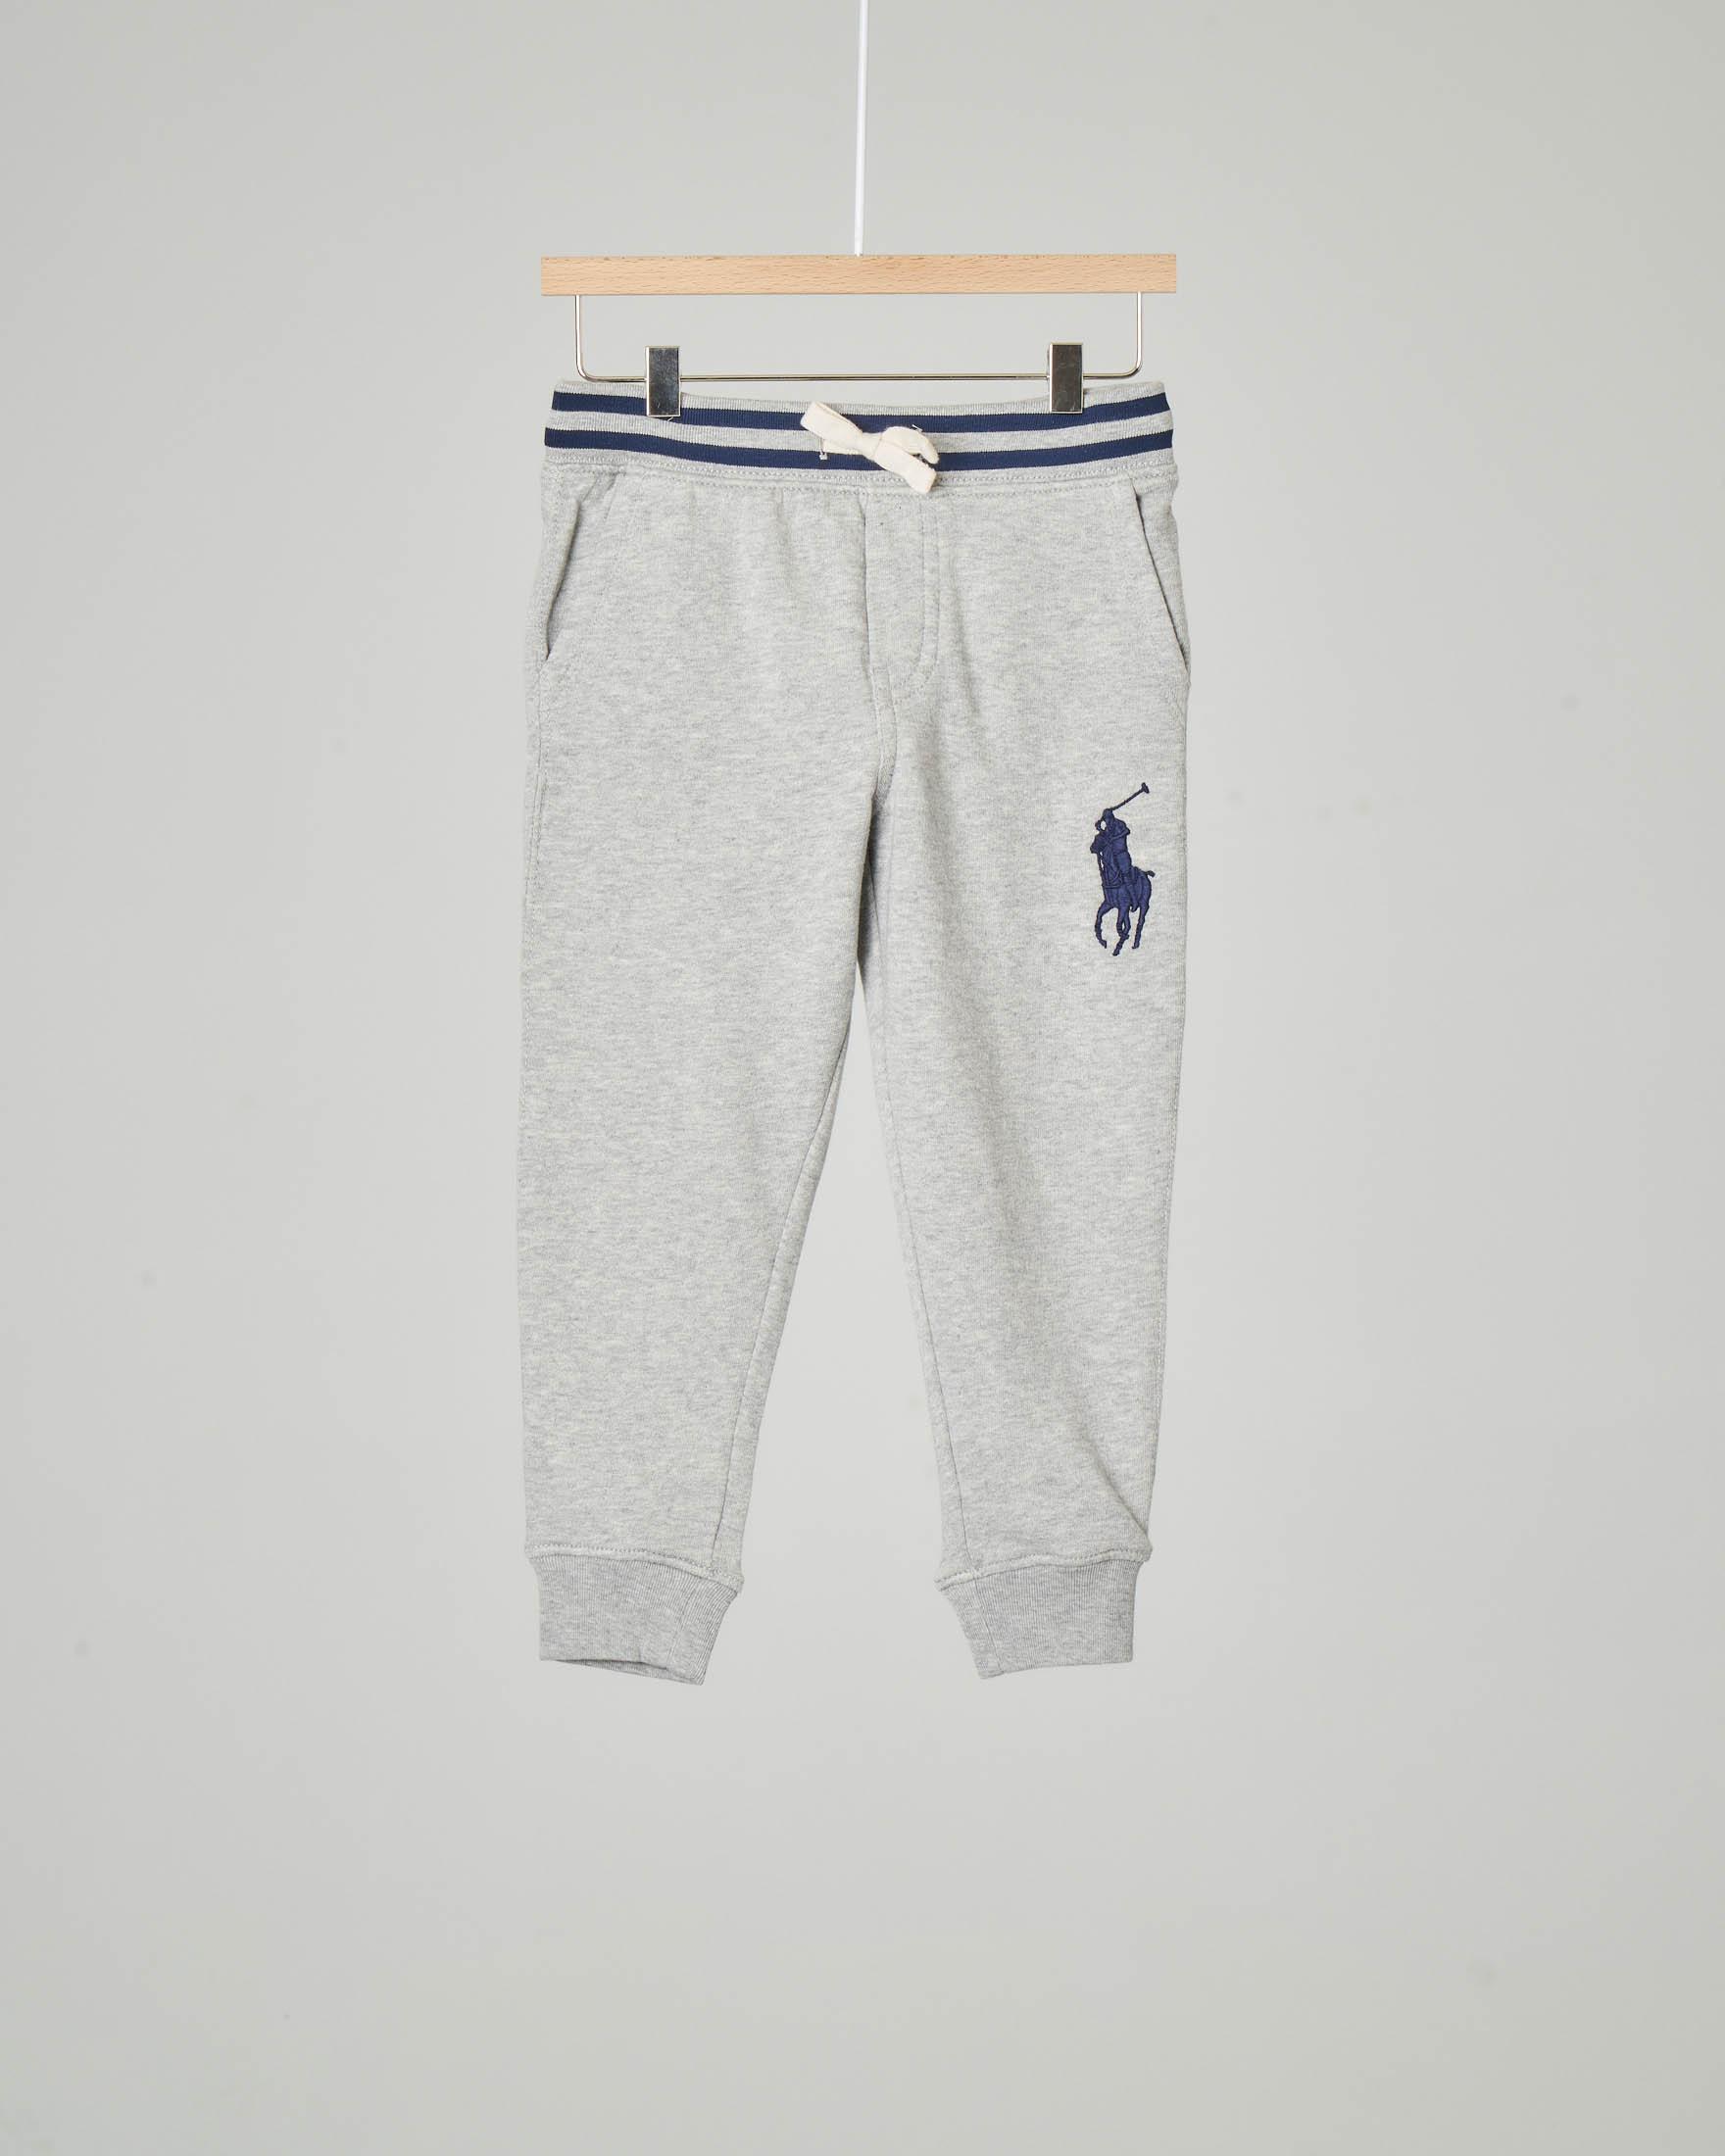 Pantalone grigio in felpa con big-pony blu ricamato 2-6 anni